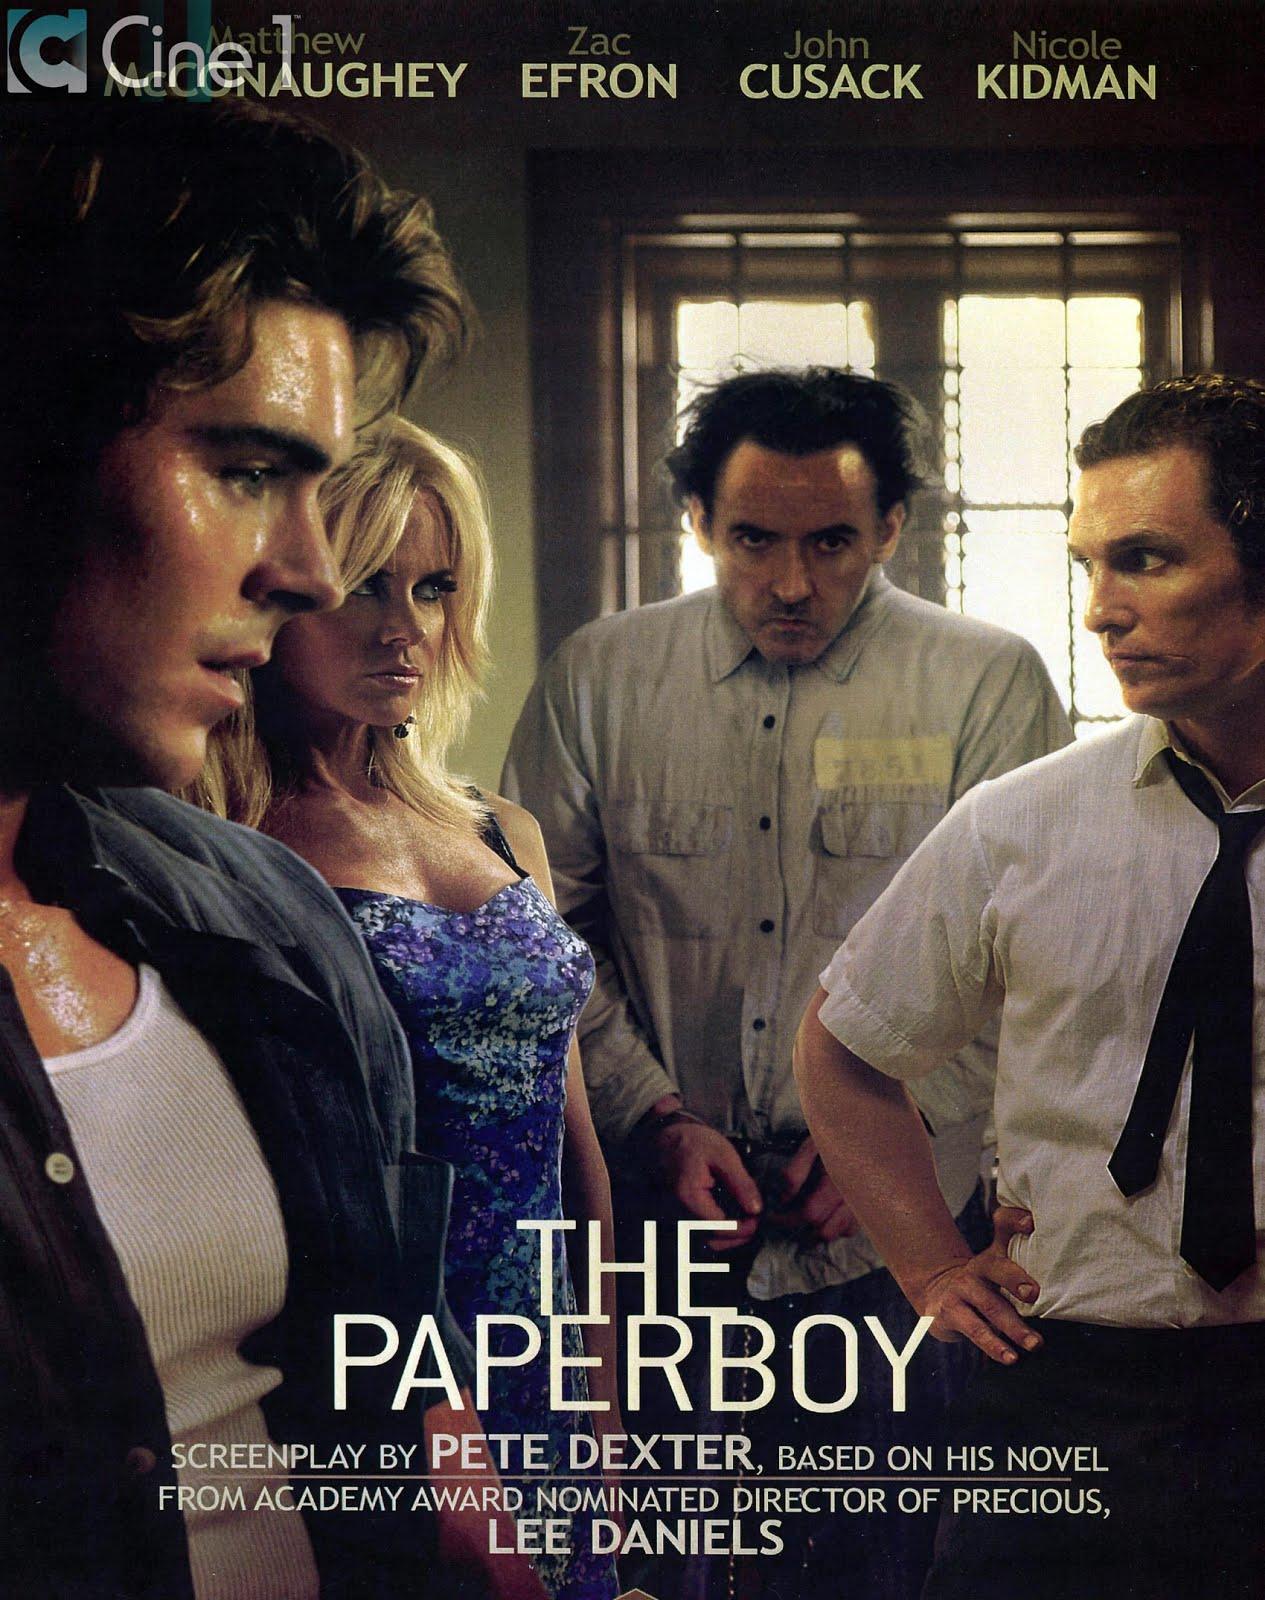 http://3.bp.blogspot.com/-mX1ytA1jVnM/UO9hp2CK-GI/AAAAAAAAG0o/AyJLEValZ3g/s1600/The-Paperboy.jpg